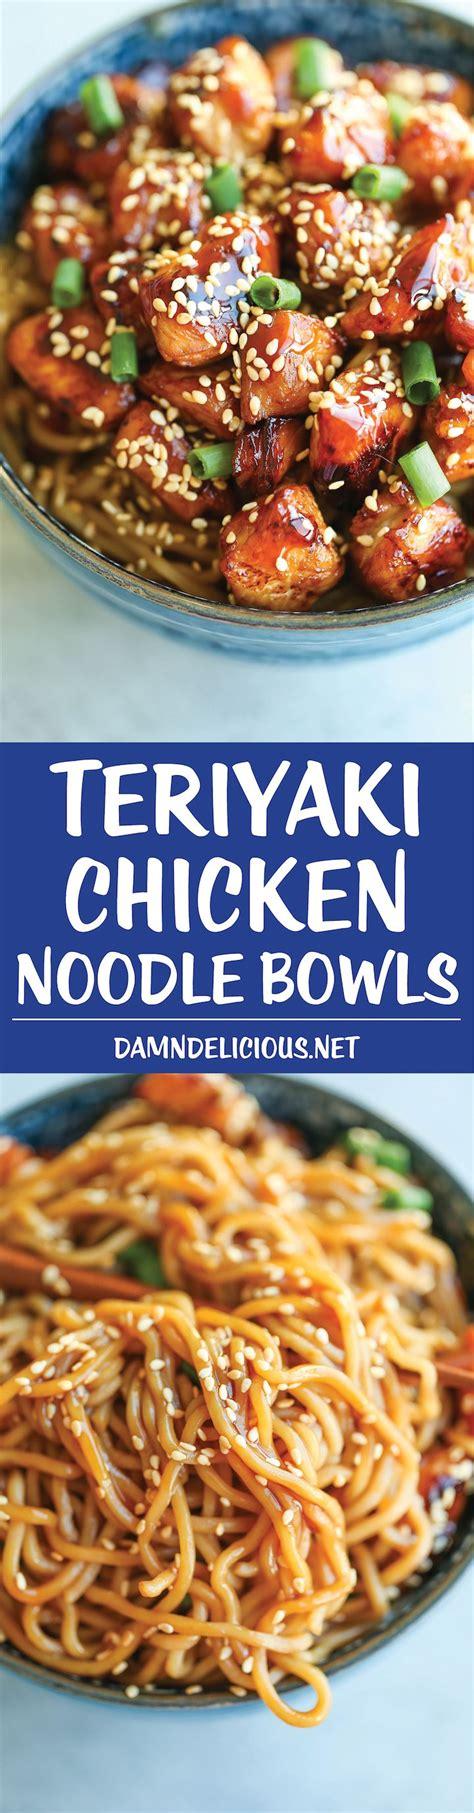 Noodle Bowl Clock teriyaki chicken noodle bowls recipe recipes